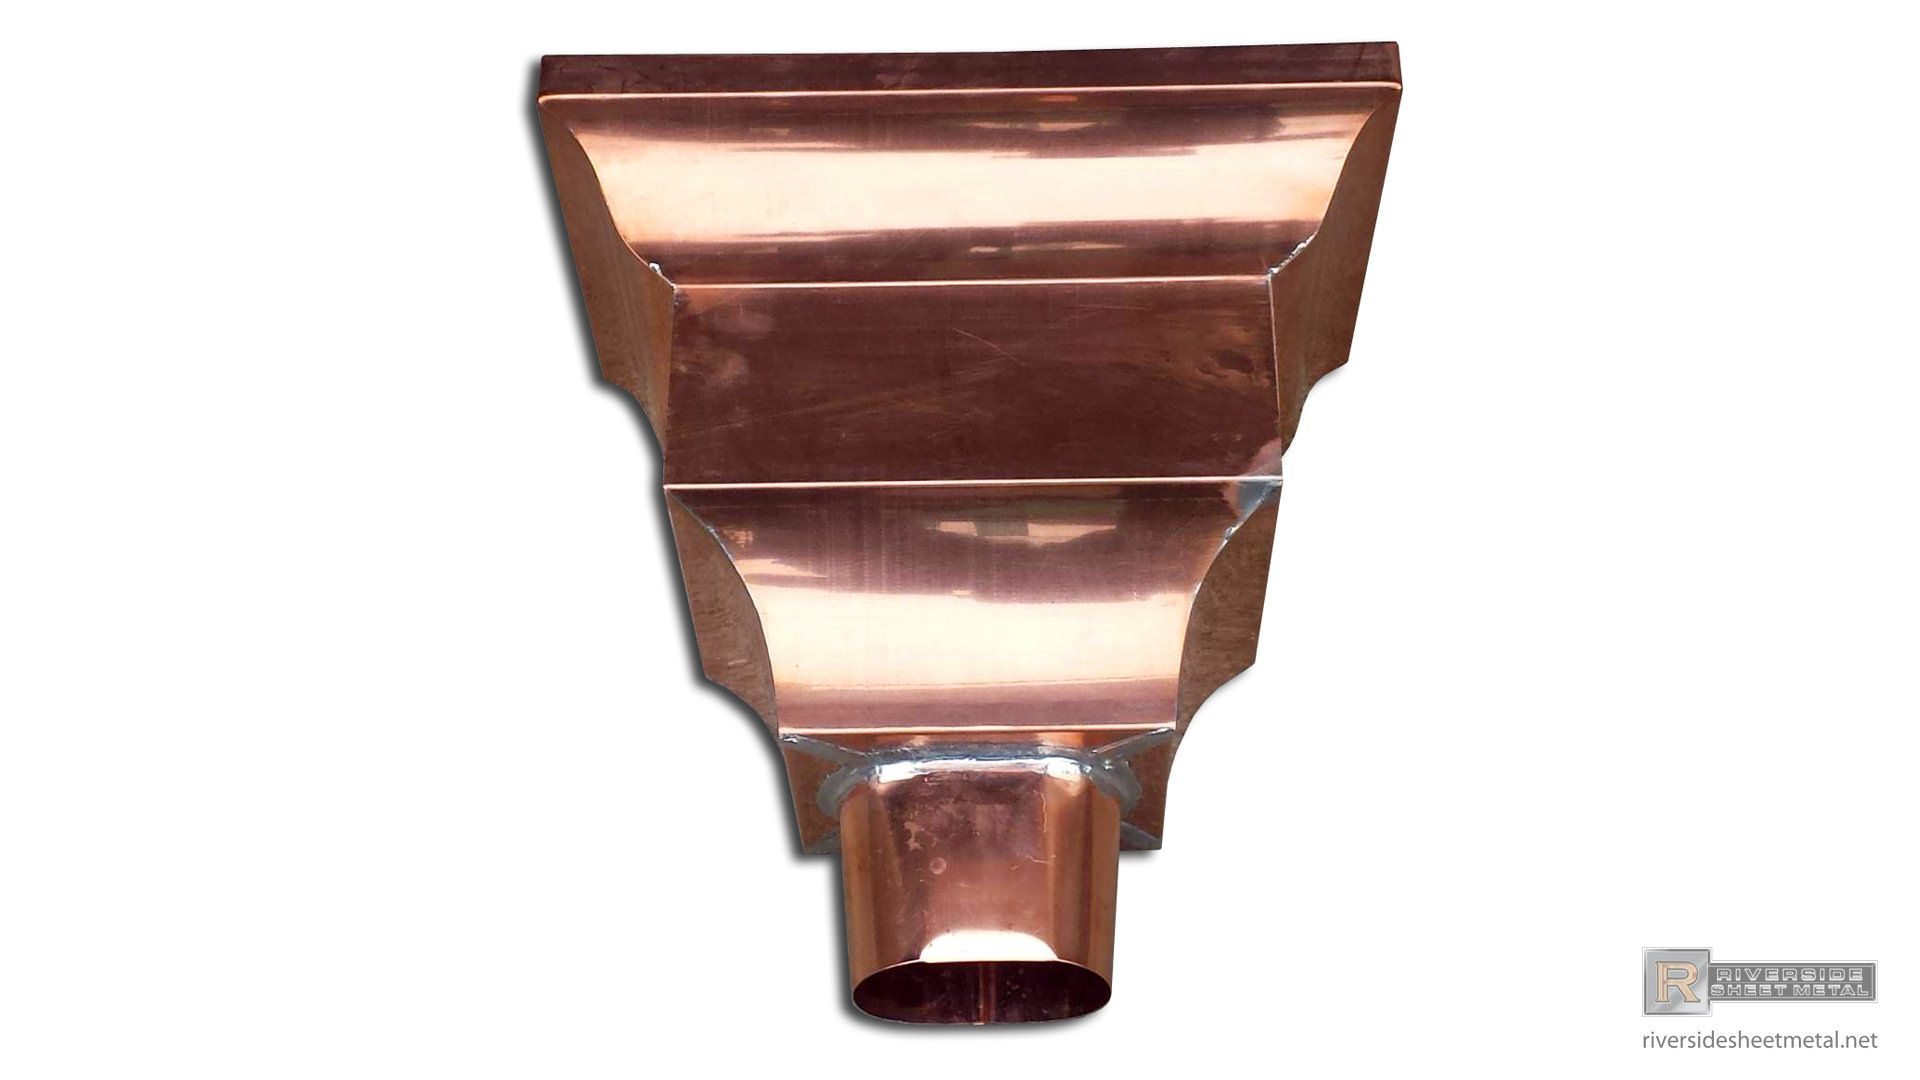 Federal Style Copper Leader Head Galvanized Steel Copper Rain Head